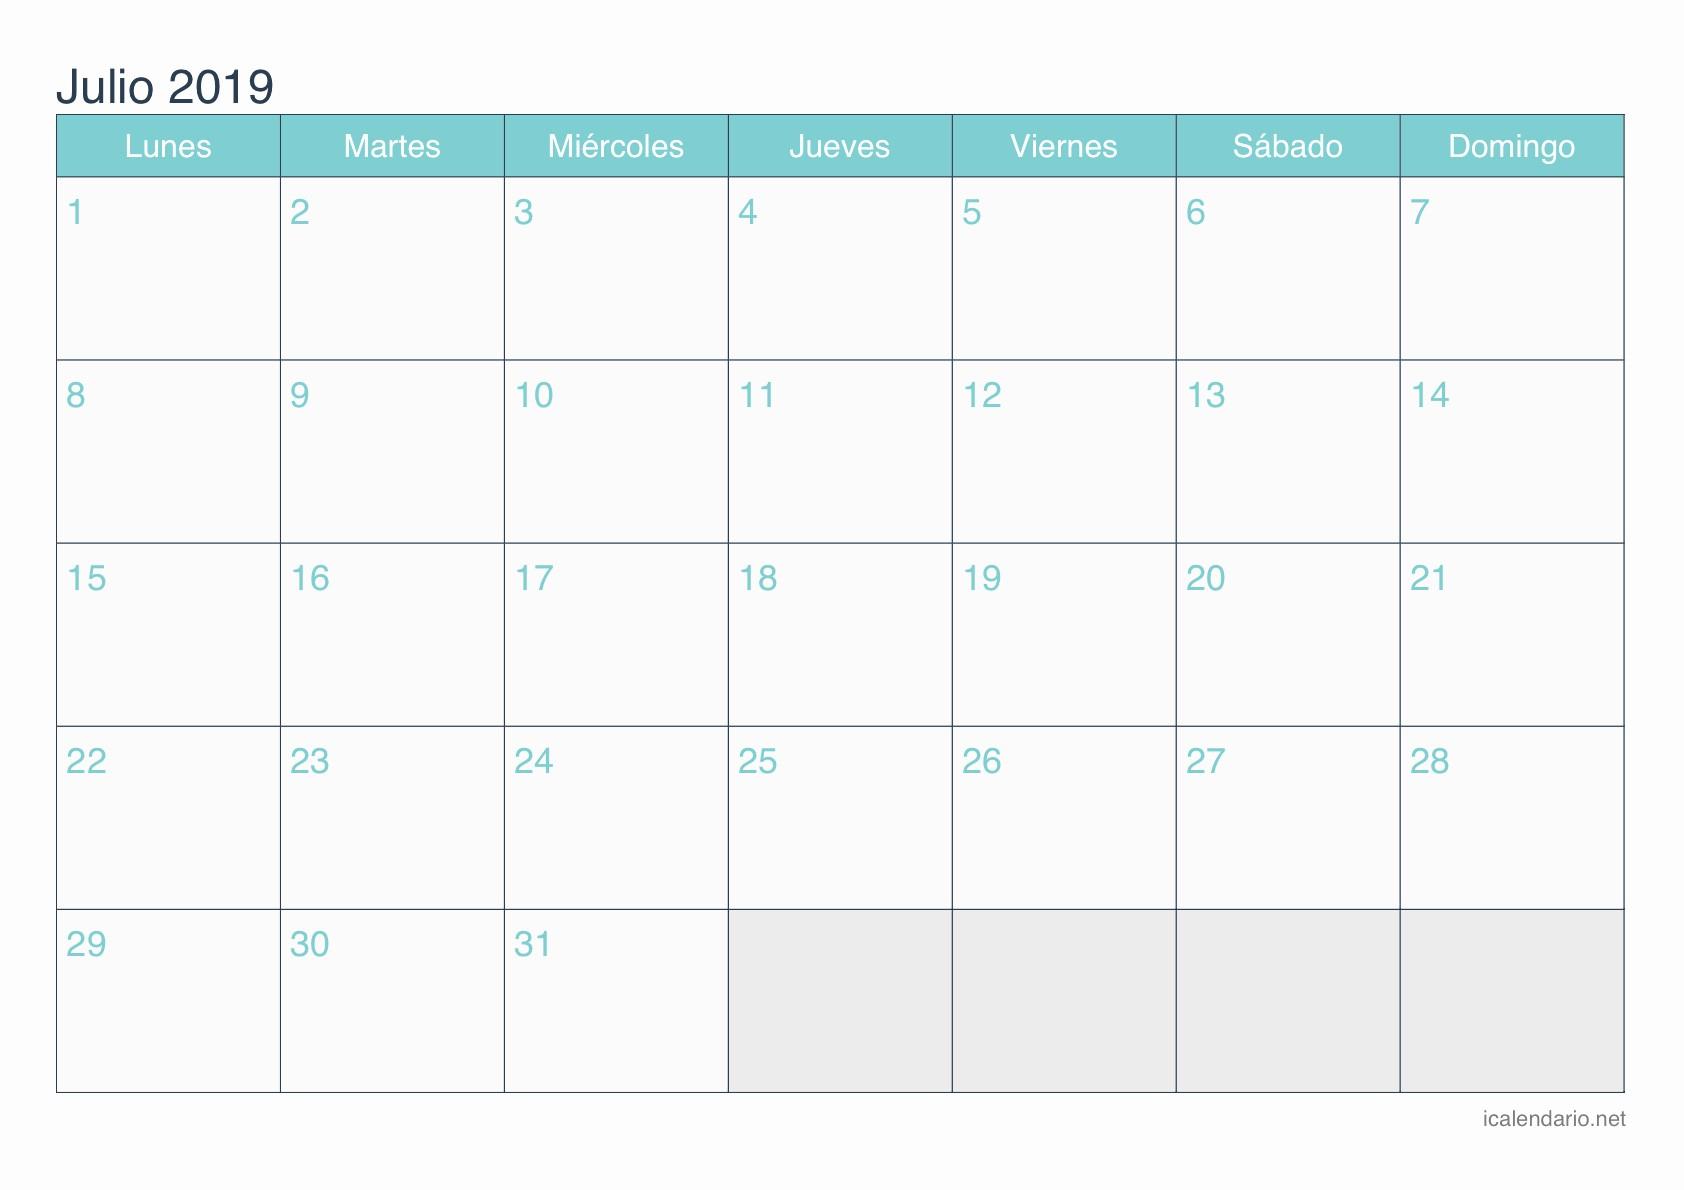 Rallylink Calendario 2019 Calendario Julio 2019 Para Imprimir Icalendario Net